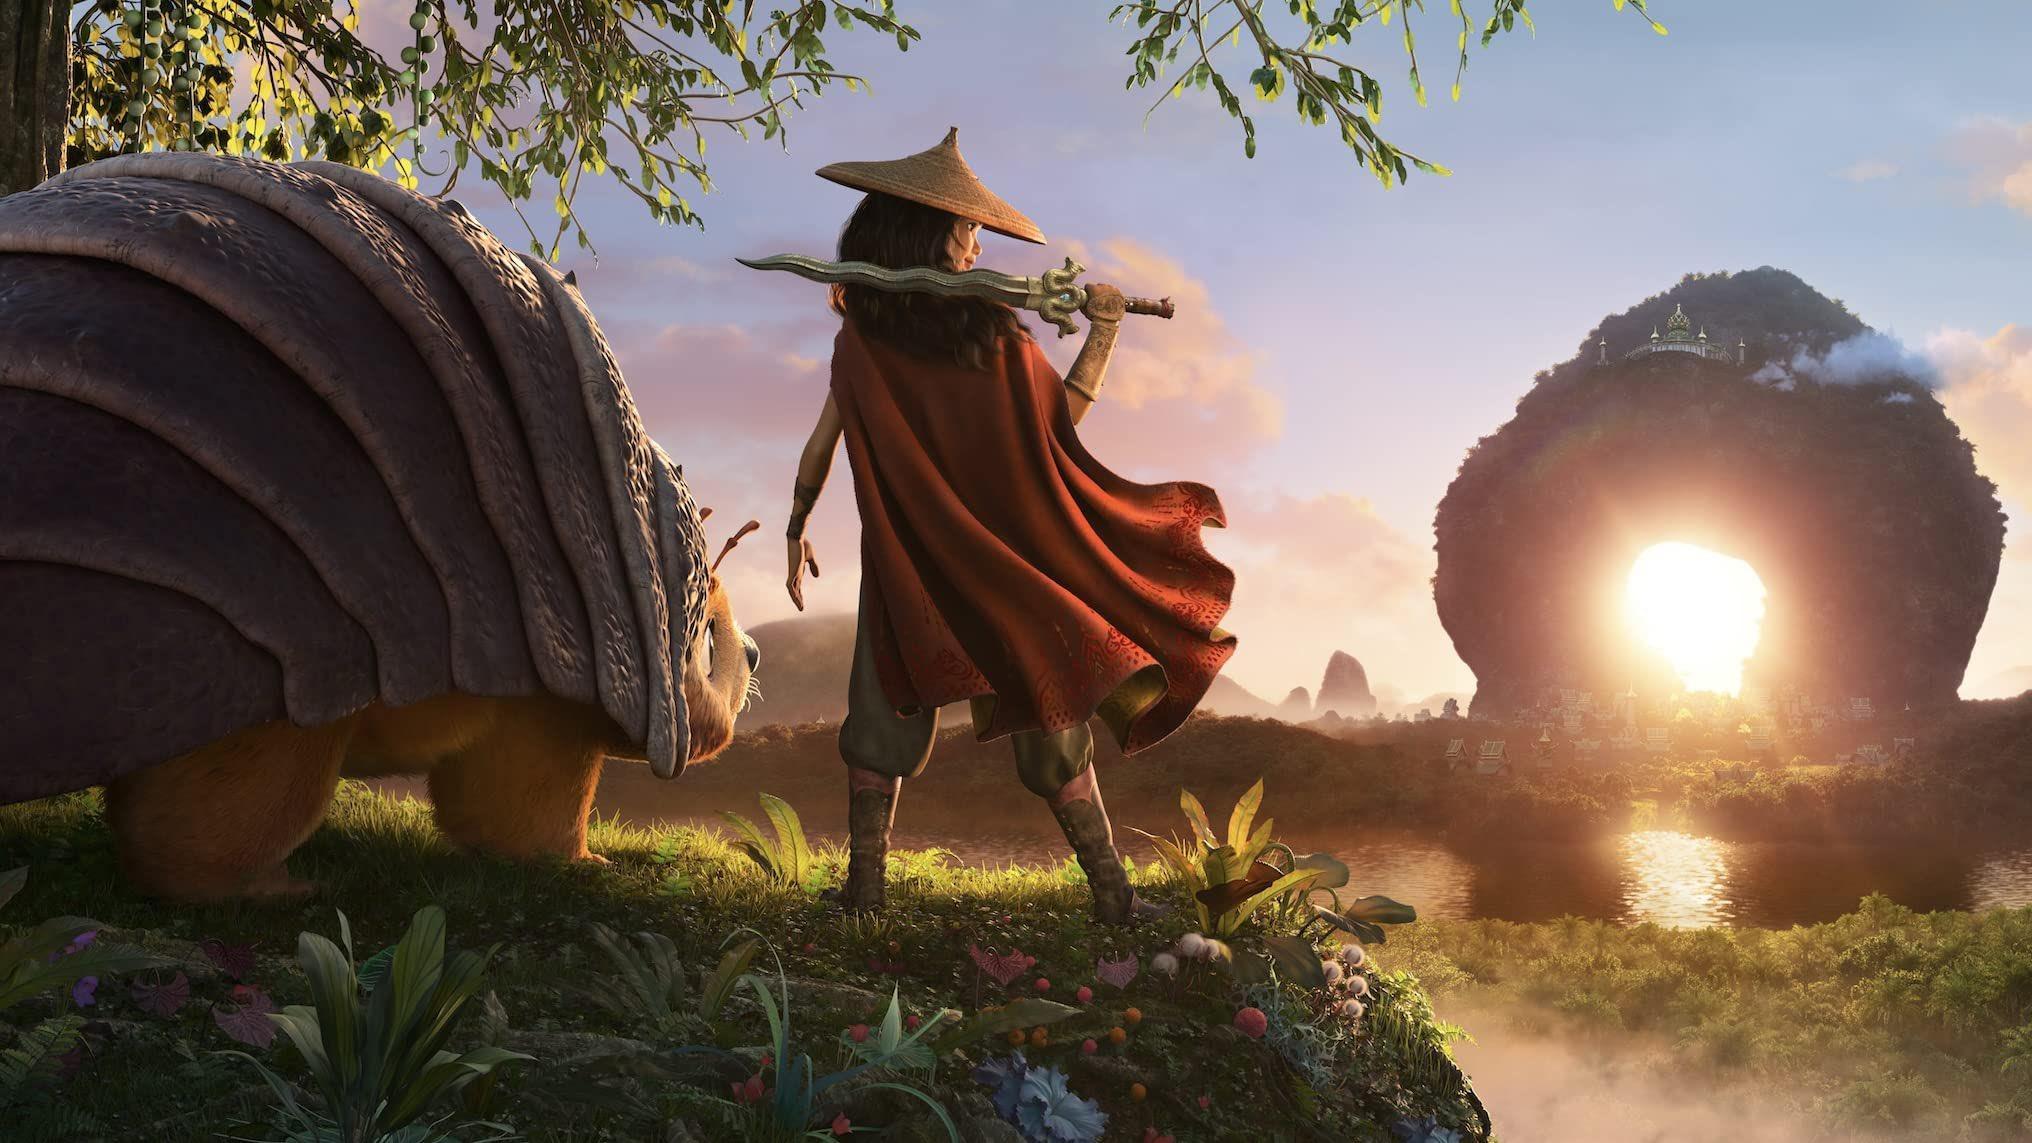 Raya e o Último Dragão ganha novo trailer cheio de aventura